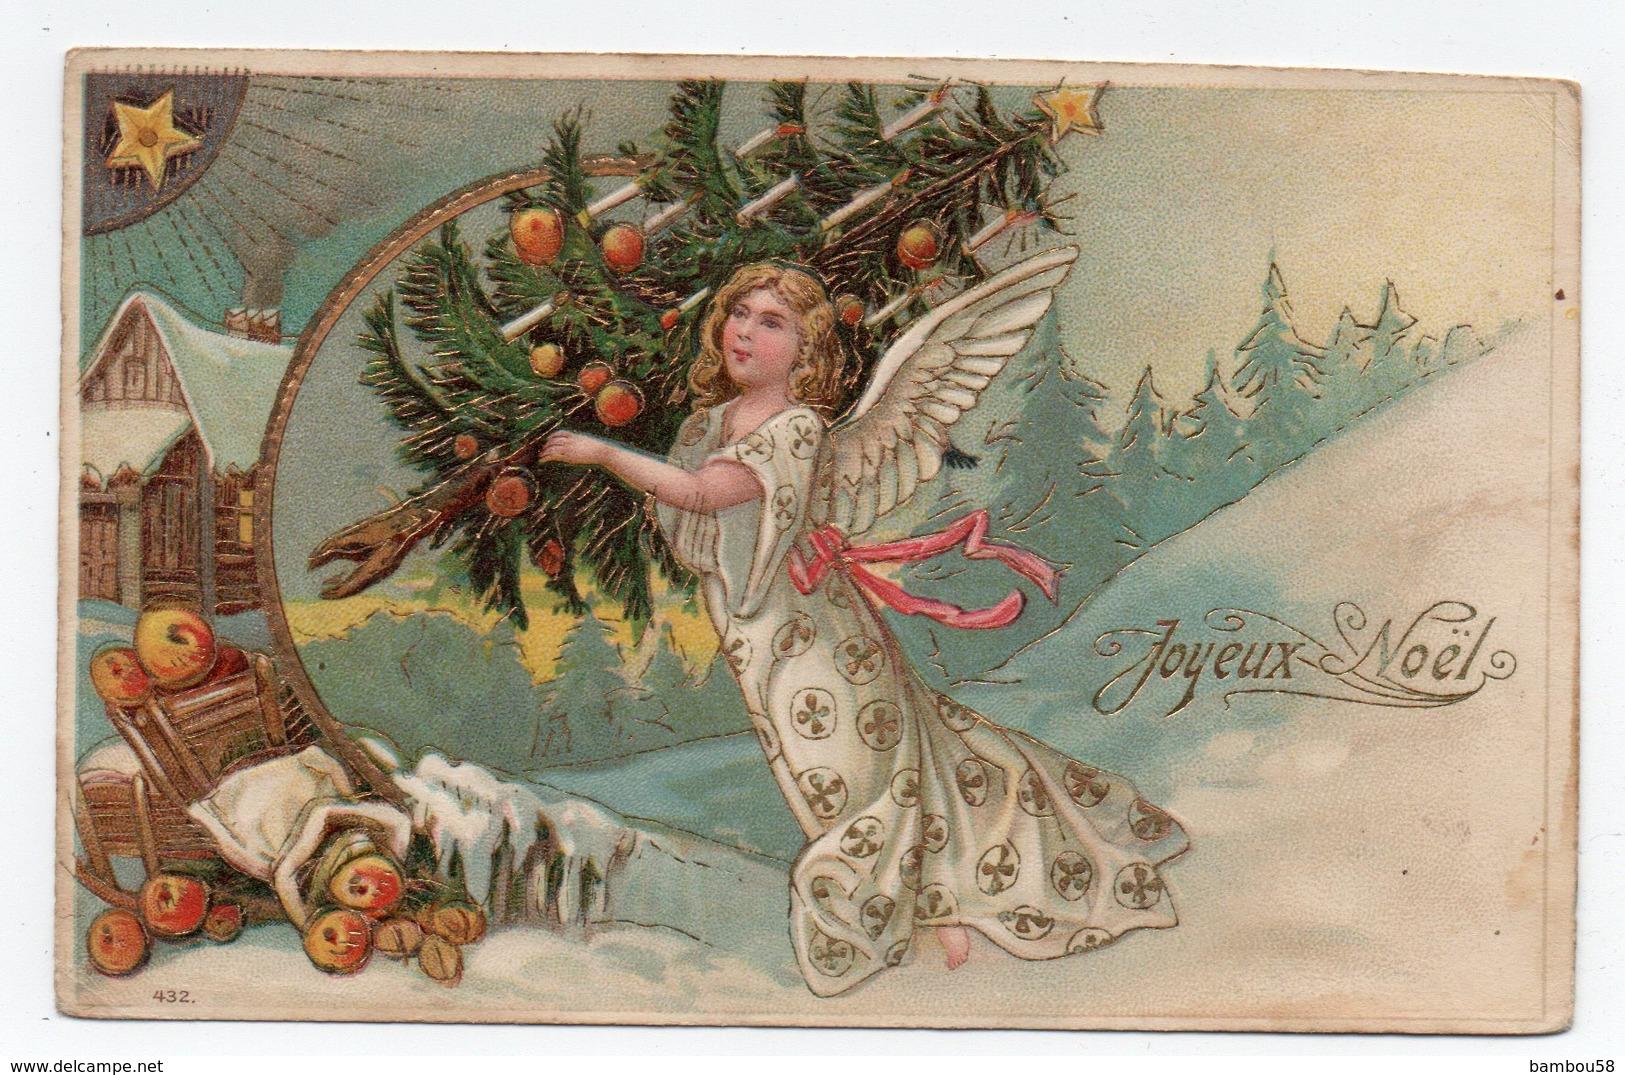 NOEL * ETOILE * SAPIN * BOUGIES * Carte Gaufrée, Colorisée & Dorée 432 * FEMME AILES ANGE *MONTAGNE * NEIGE * - Noël